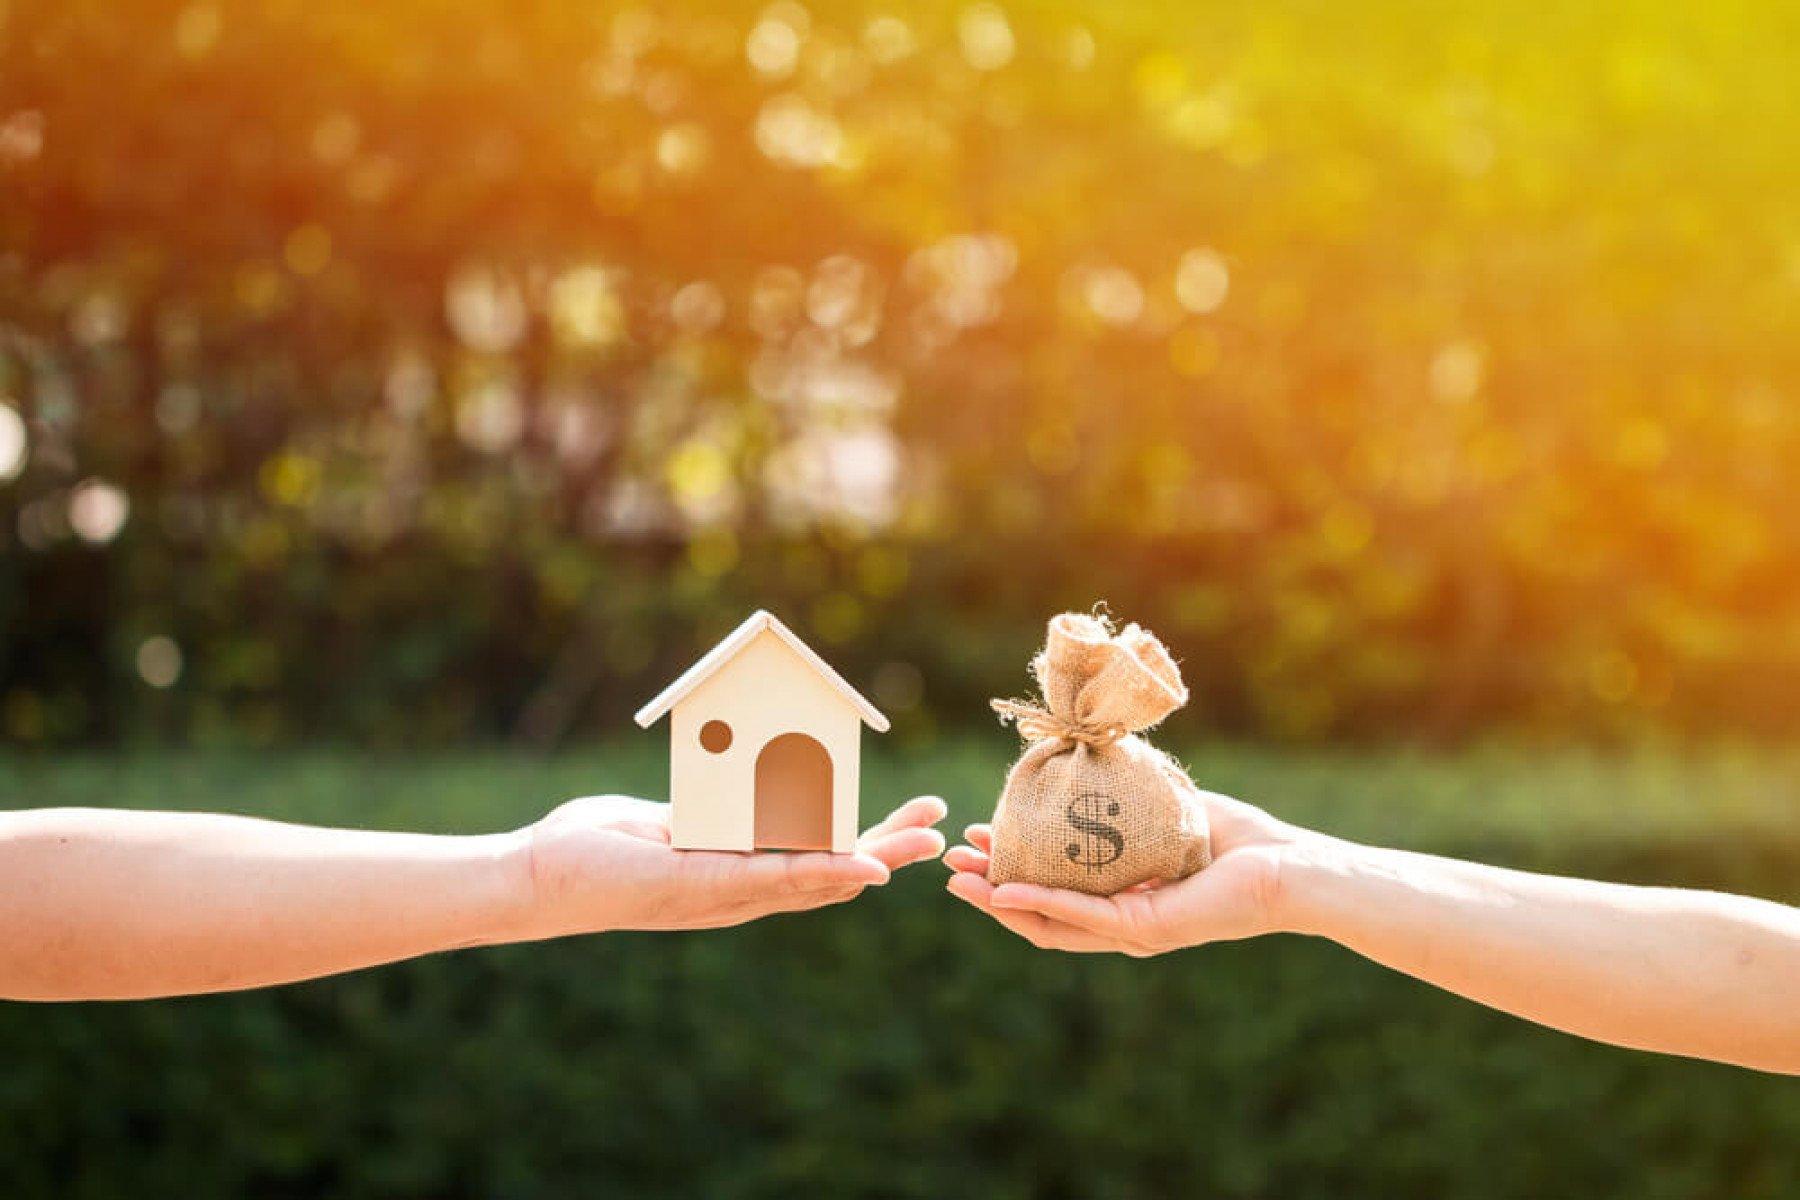 En hand som håller i ett litet trä hus och en hand som håller i en liten jutevävspåse med ett dollar tecken på